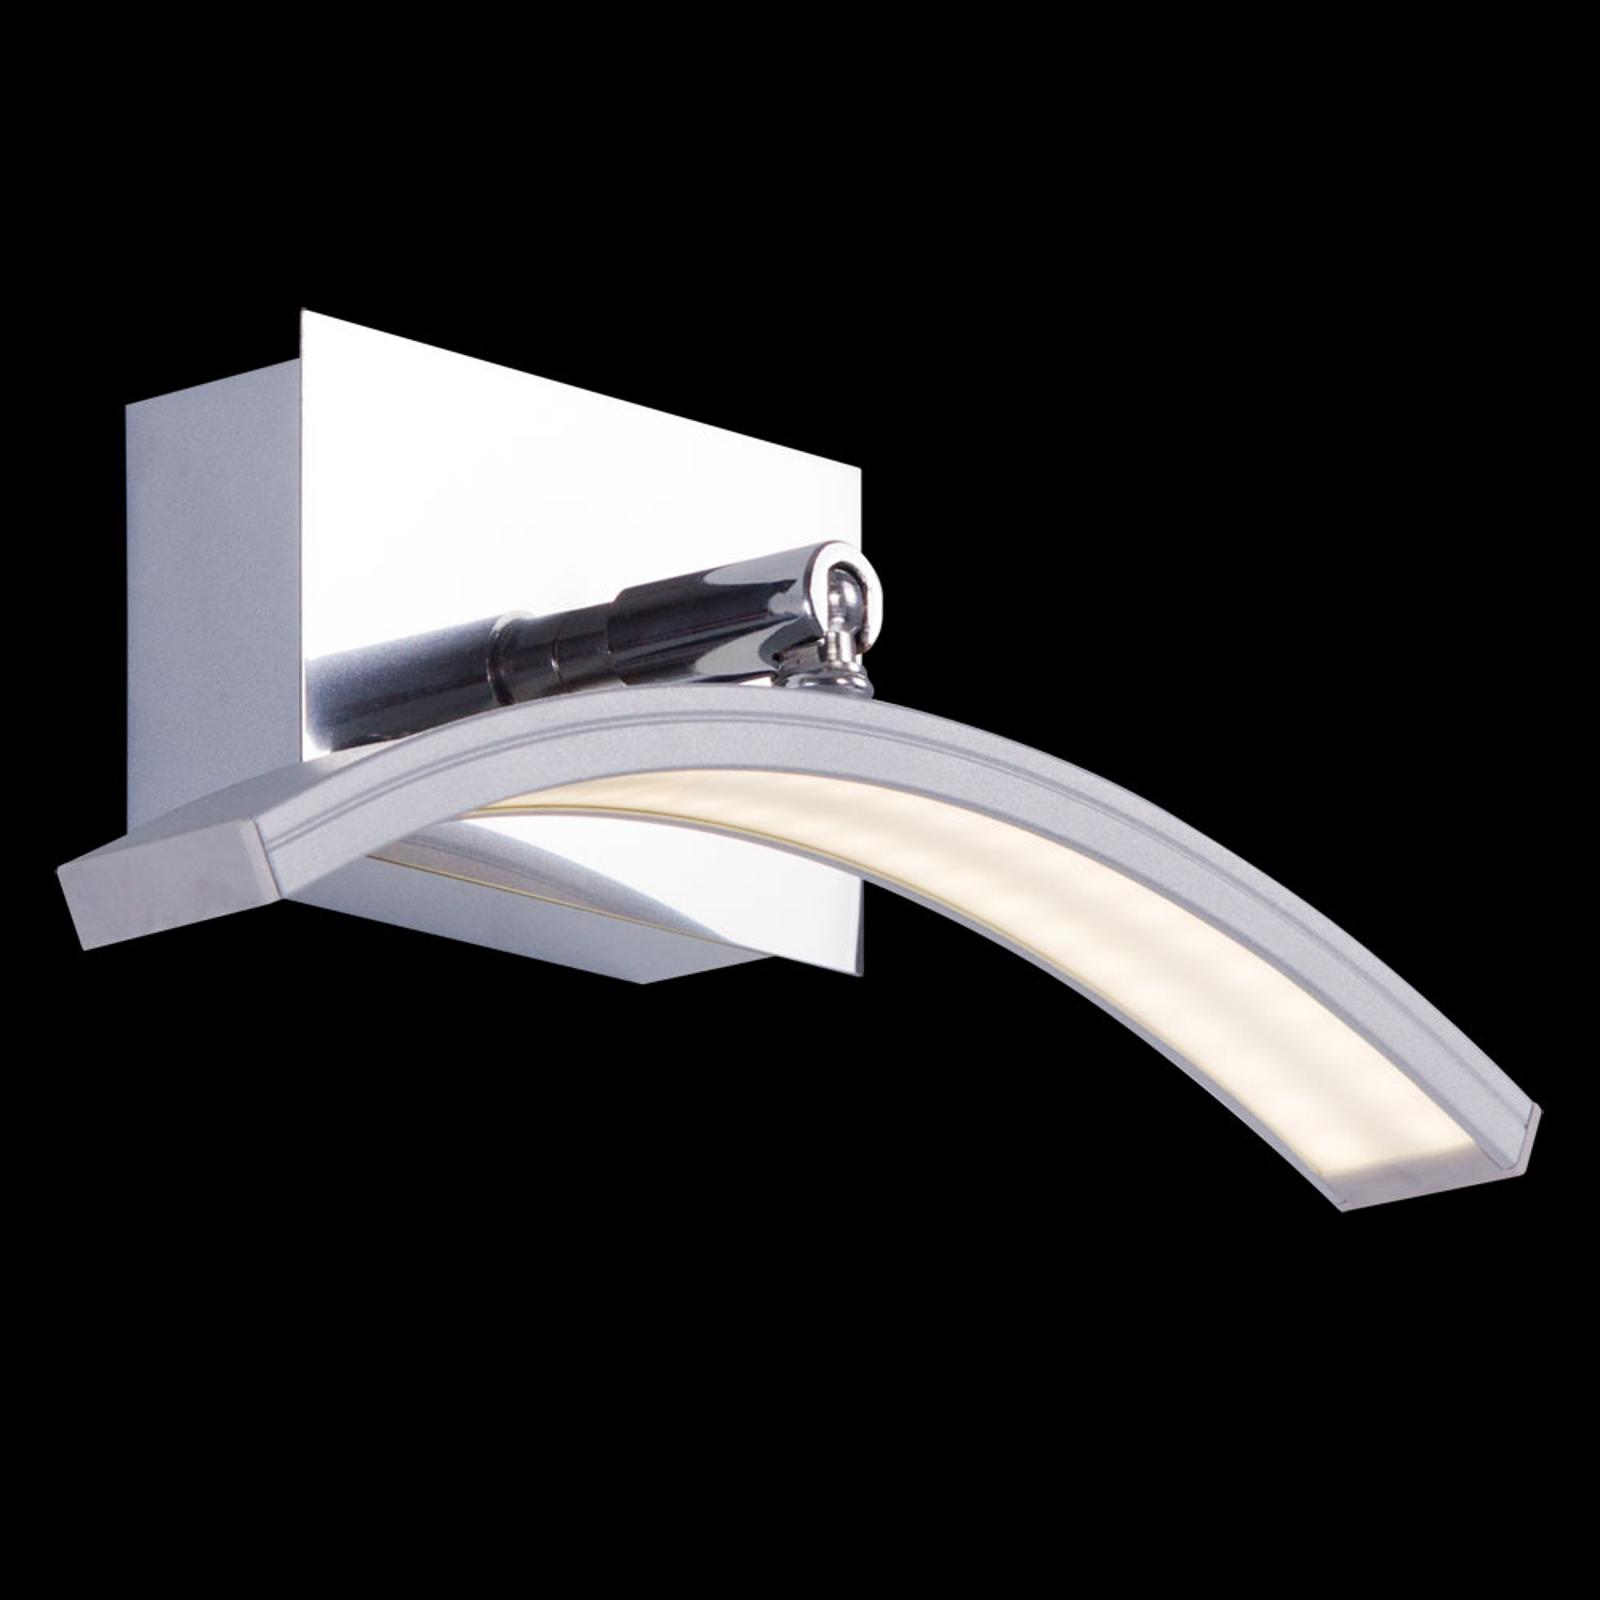 Boogvormige LED wandlamp Largo m. aluminium finish